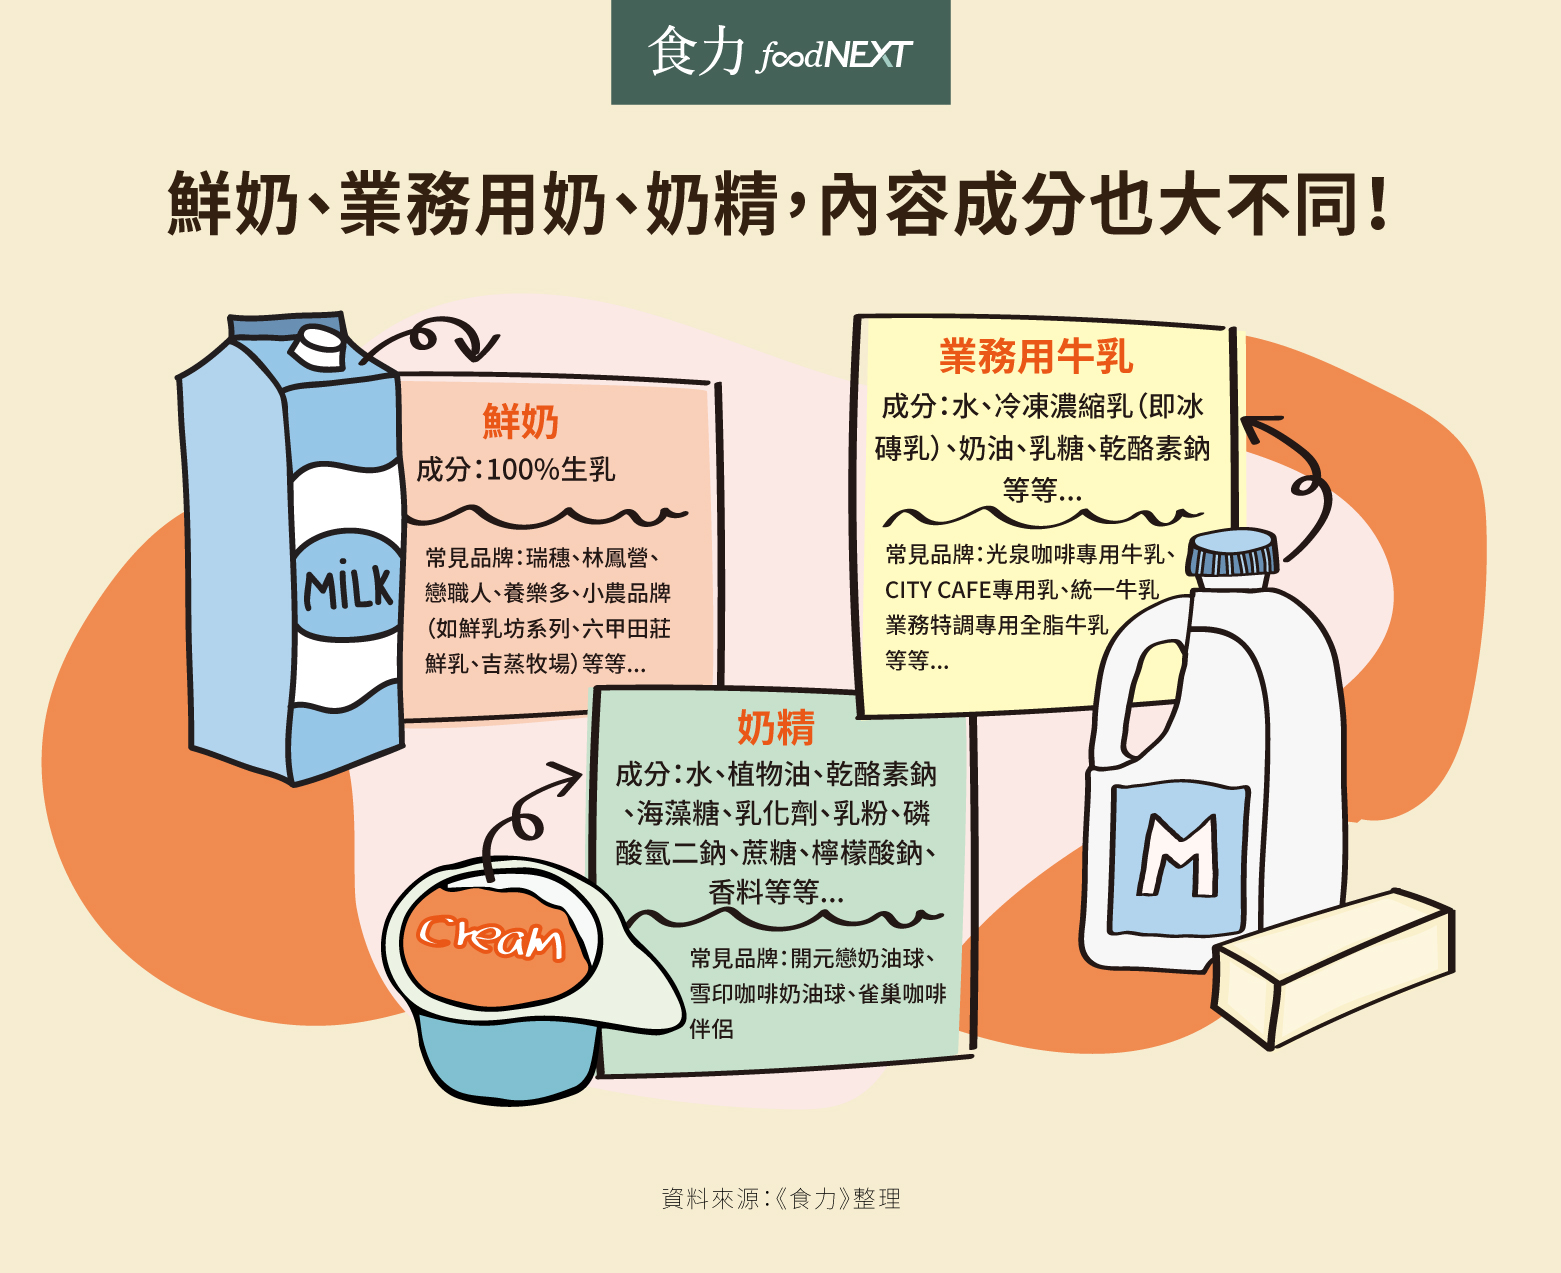 鮮奶、業務用奶、奶精,內容成分大不同。